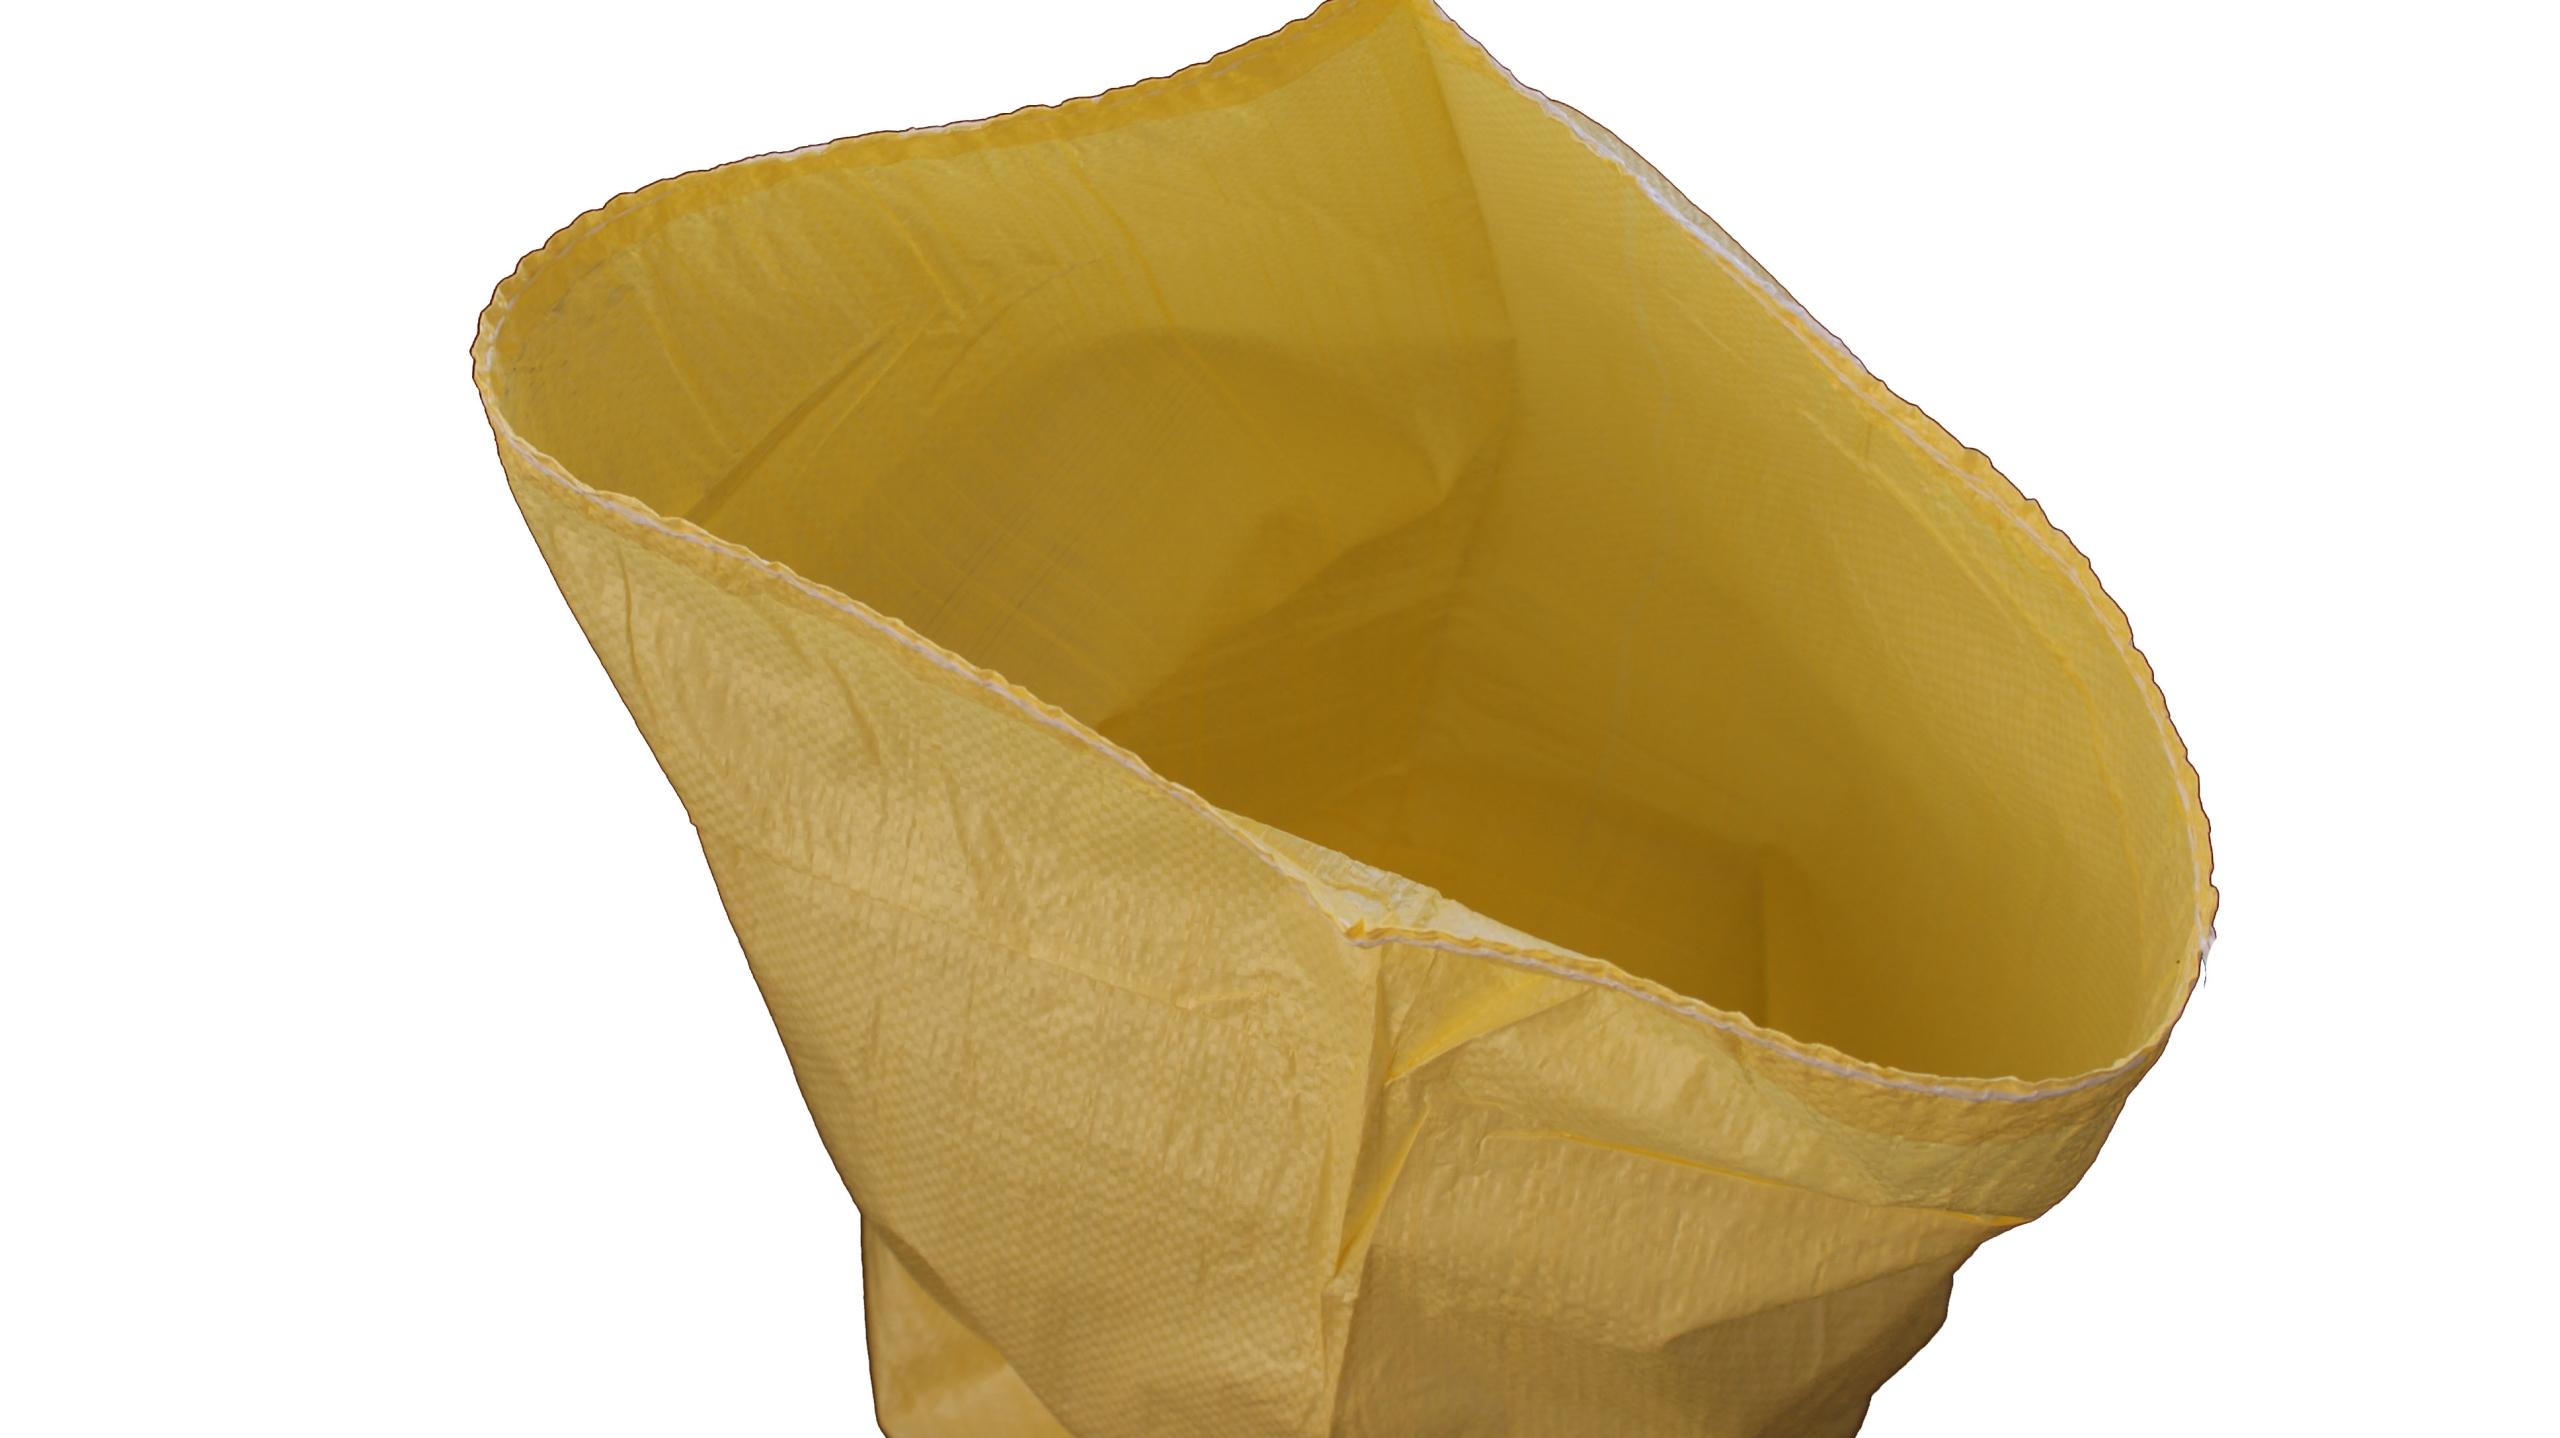 мешки для эко-горох угля зерновой песок 25кг